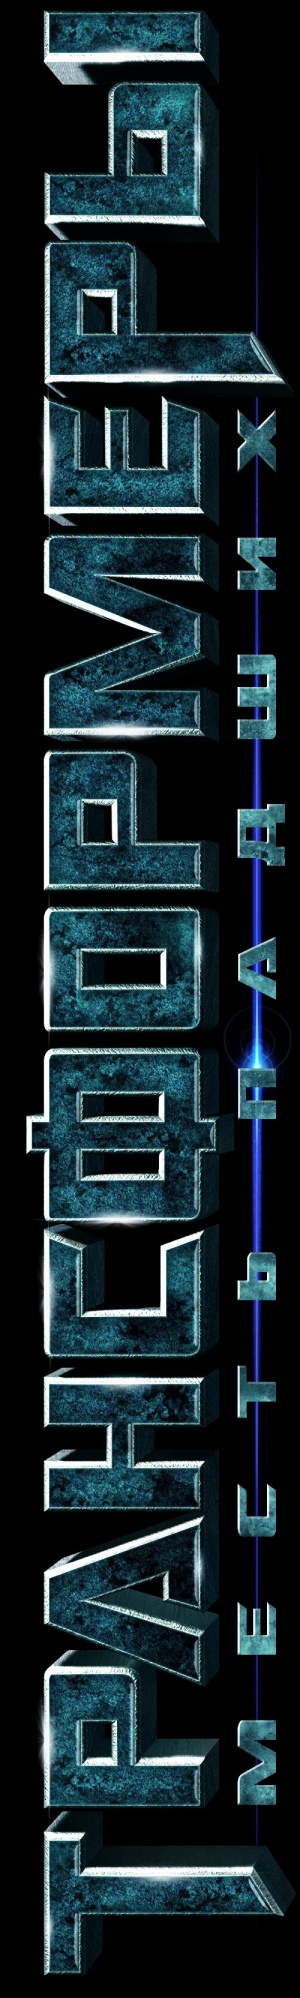 Transformers: Die Rache 500x3330